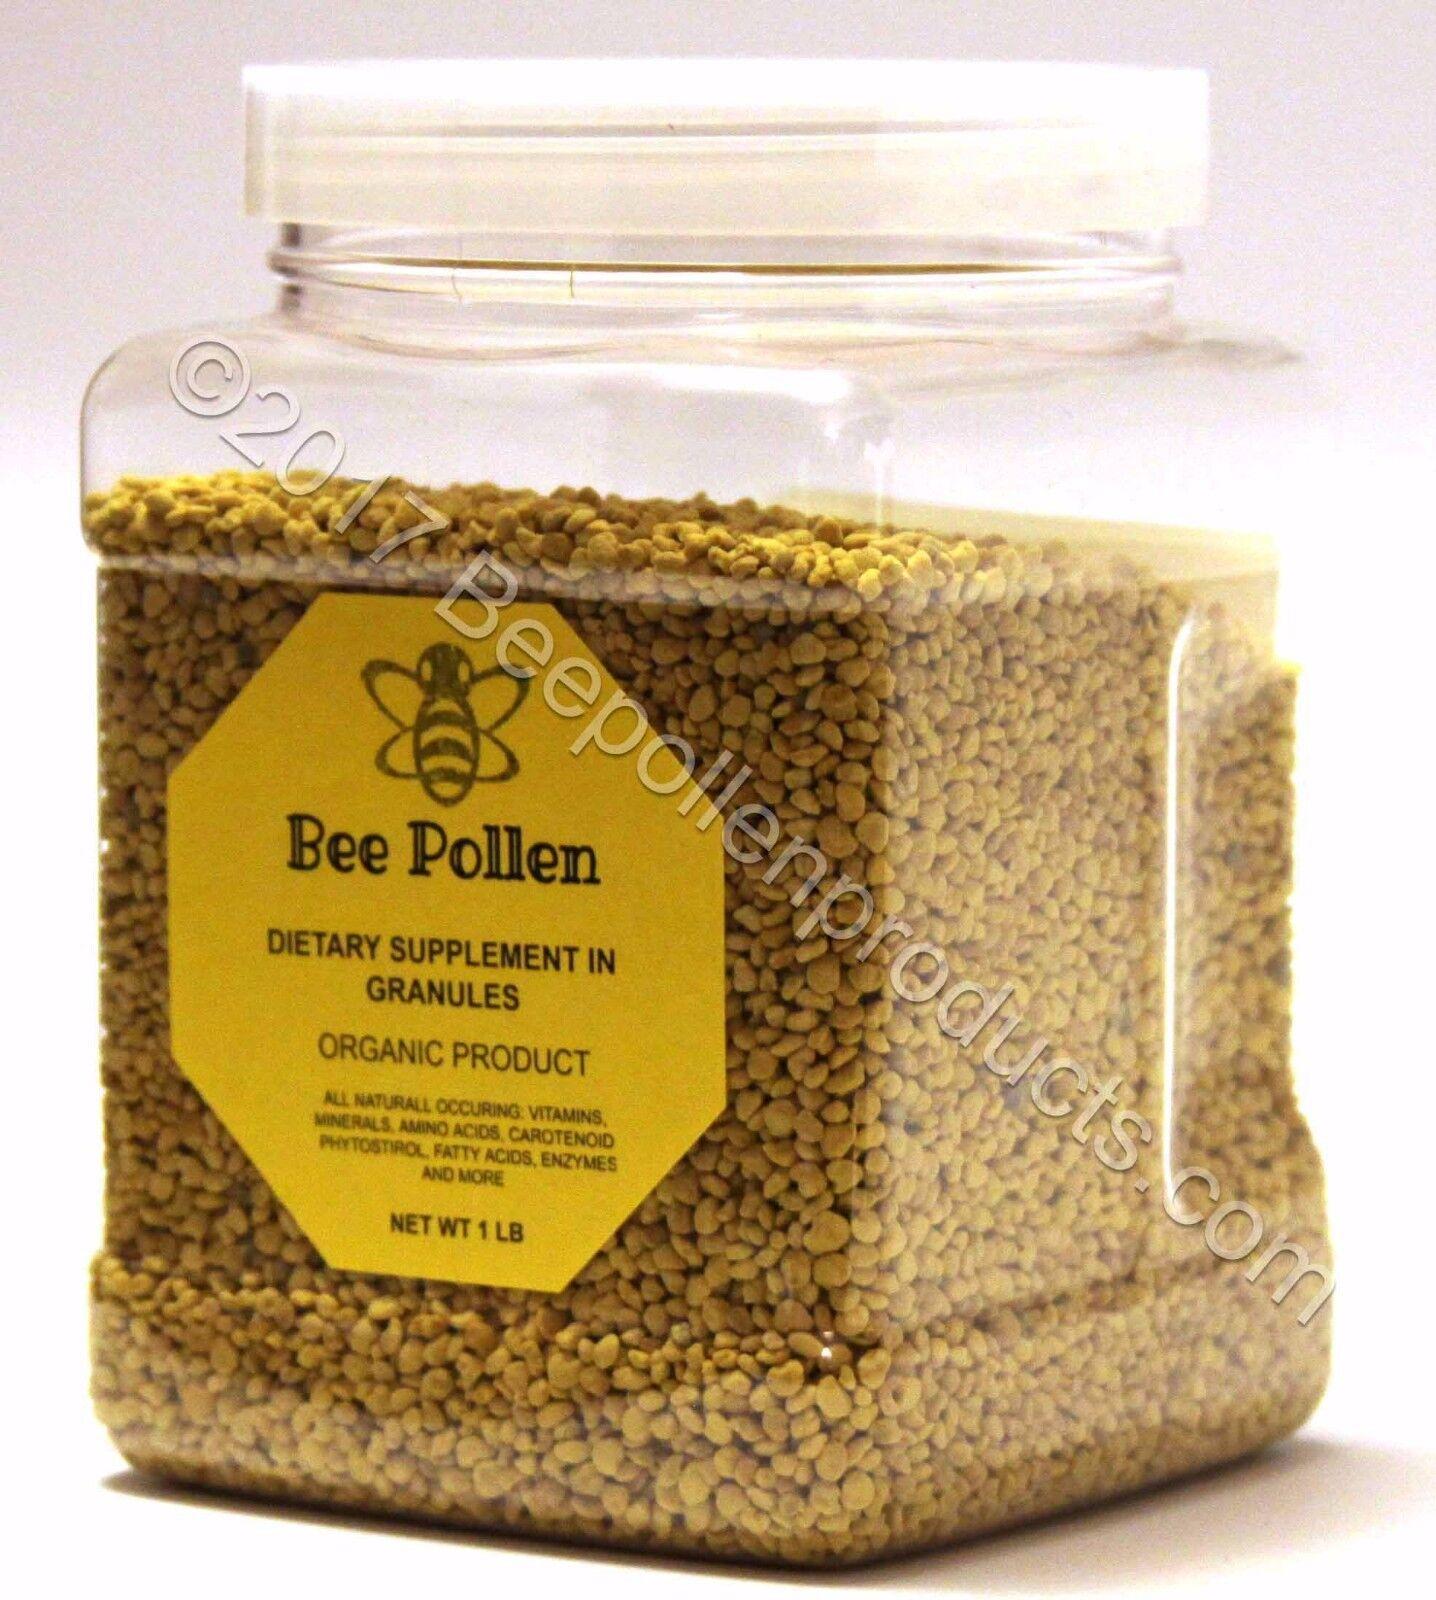 BEE POLLEN 100% Pure Natural Bee Pollen Granules 1 lb FDA Certified